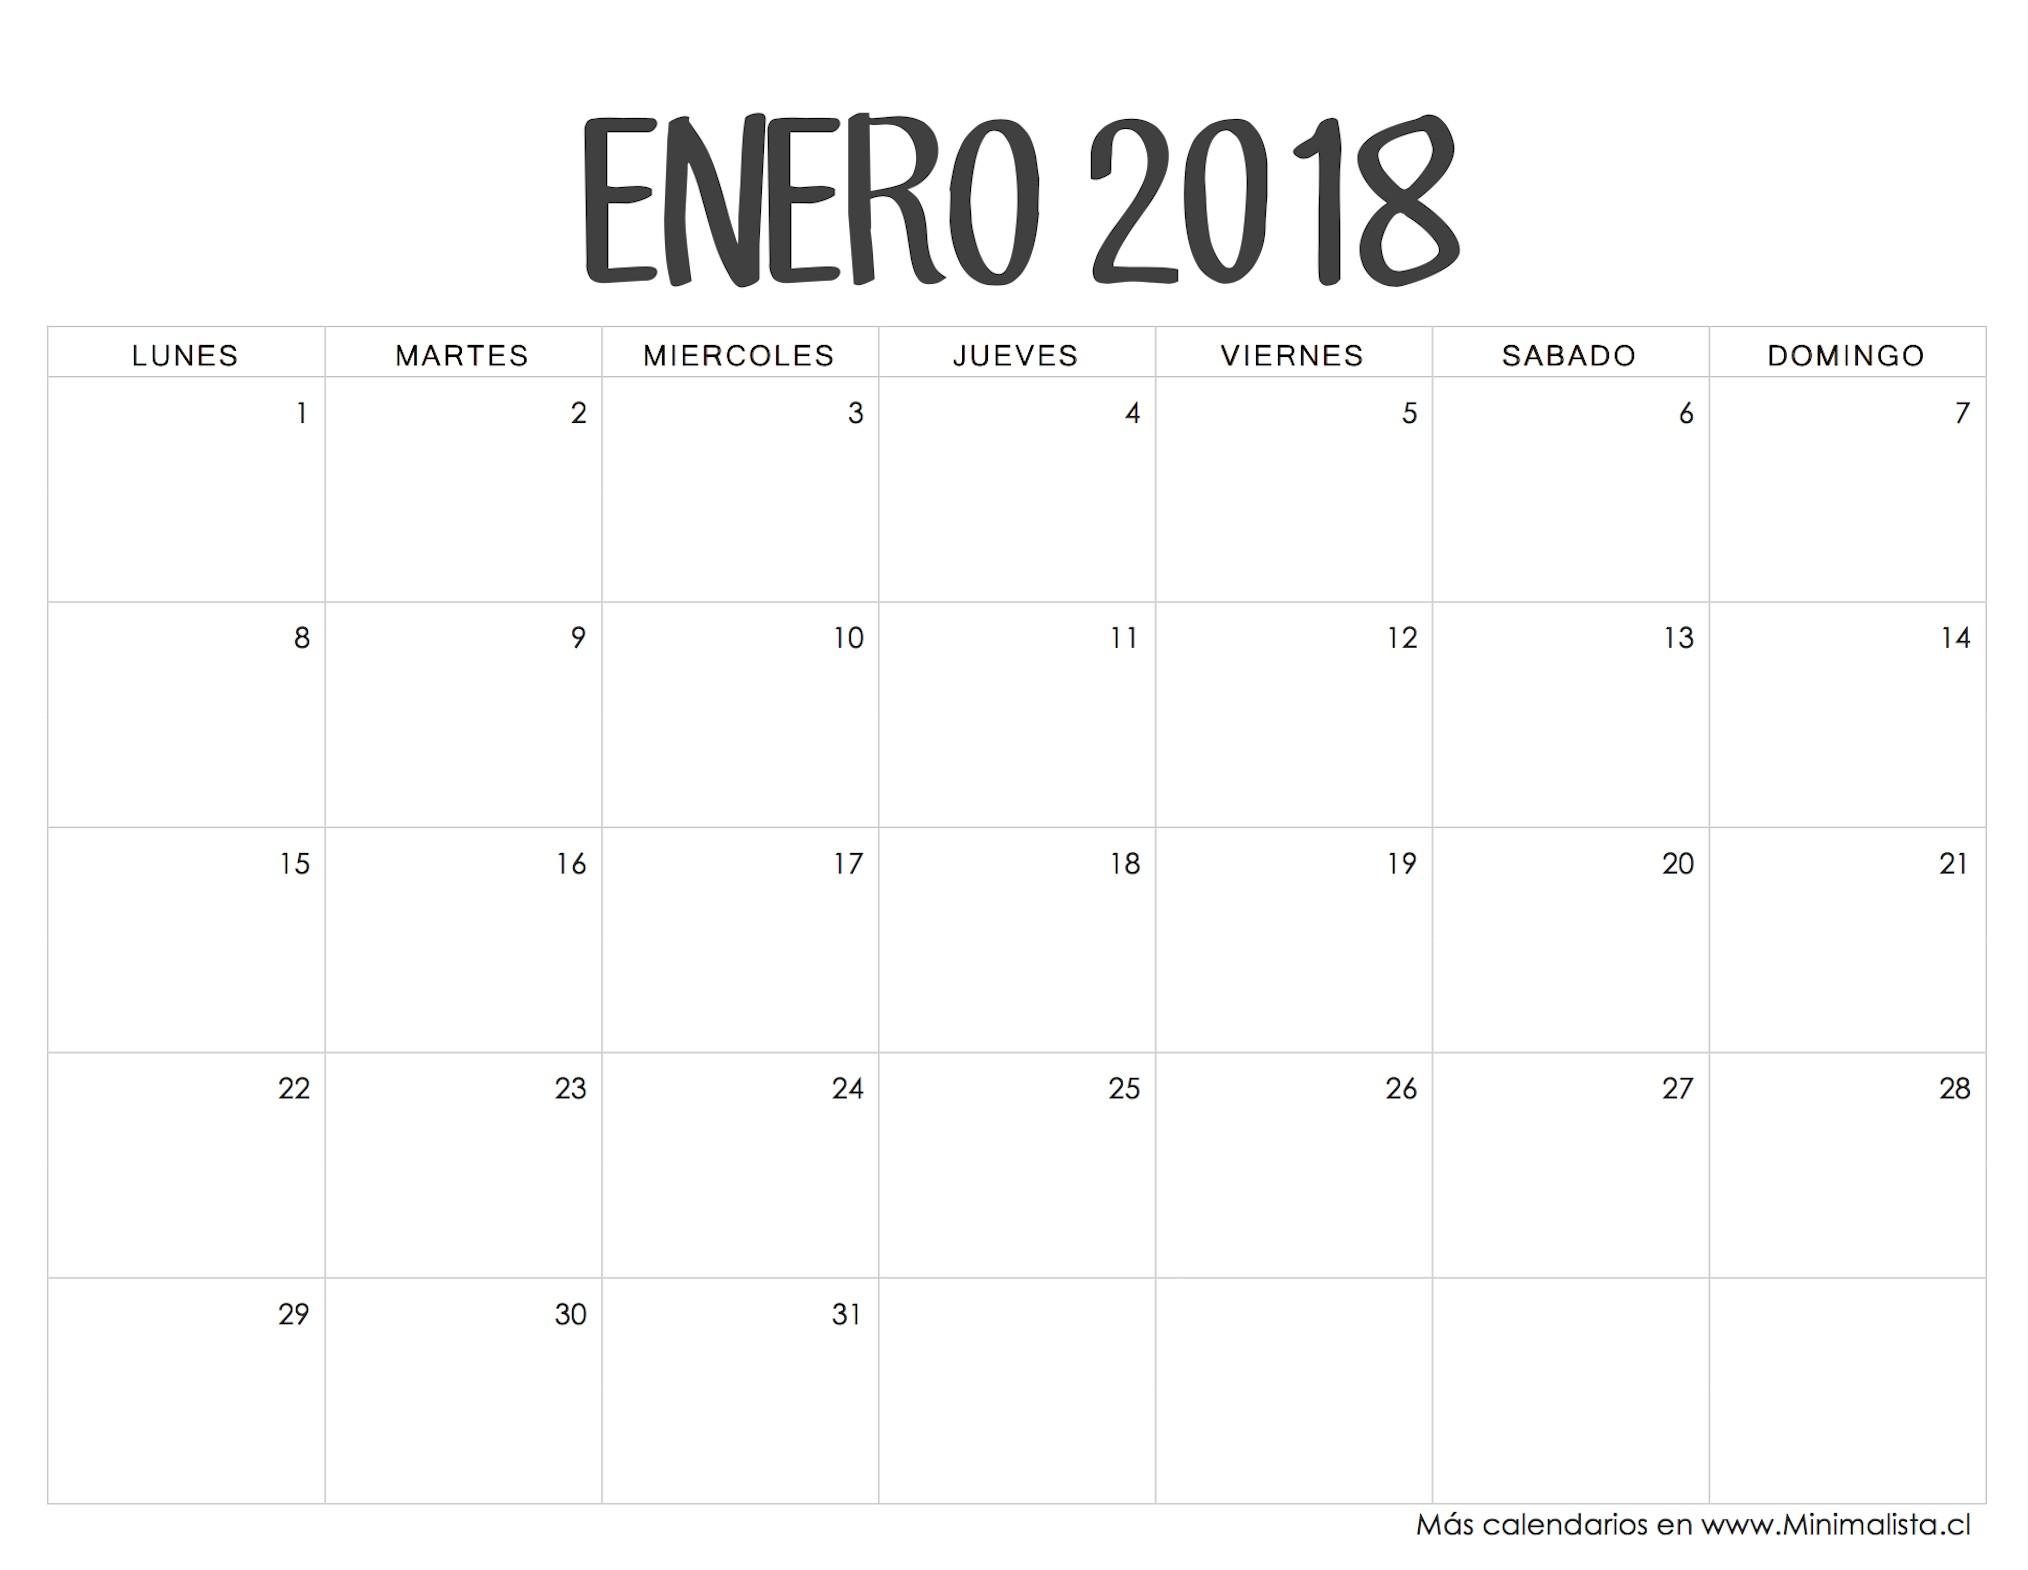 Imprimir Calendario De Outlook 2016 Más Recientes Calendarios 2018 Para Imprimir – Minimalista Of Imprimir Calendario De Outlook 2016 Más Actual Por Qué Mi Outlook Va Lento Motivos Y soluciones